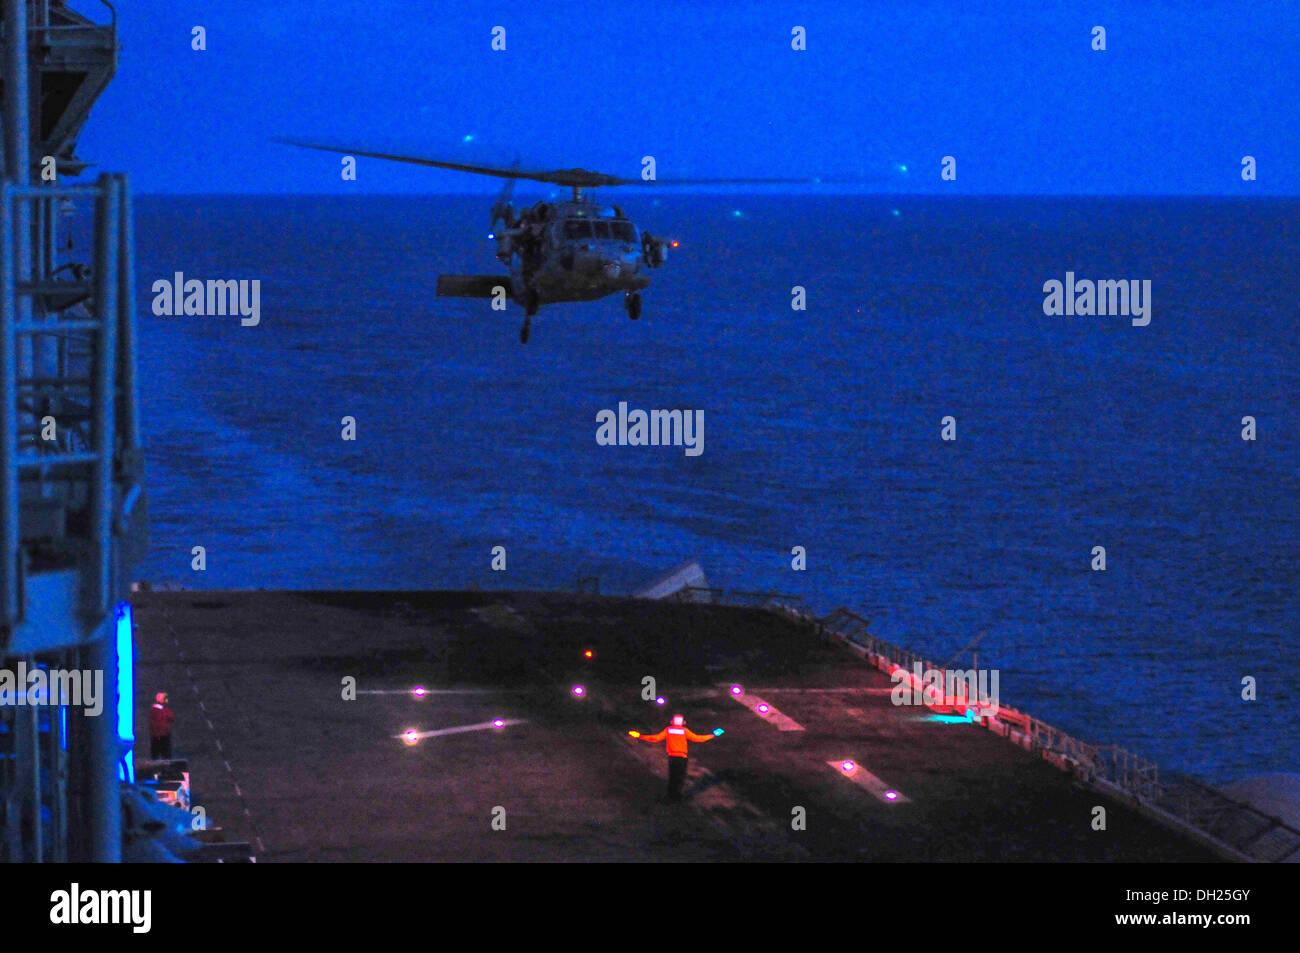 MH-60 Seahawk para aterrizar a bordo del buque de asalto anfibio USS Boxer (LHD 4). El boxeador es el buque insignia de la anfibio Boxer Imagen De Stock